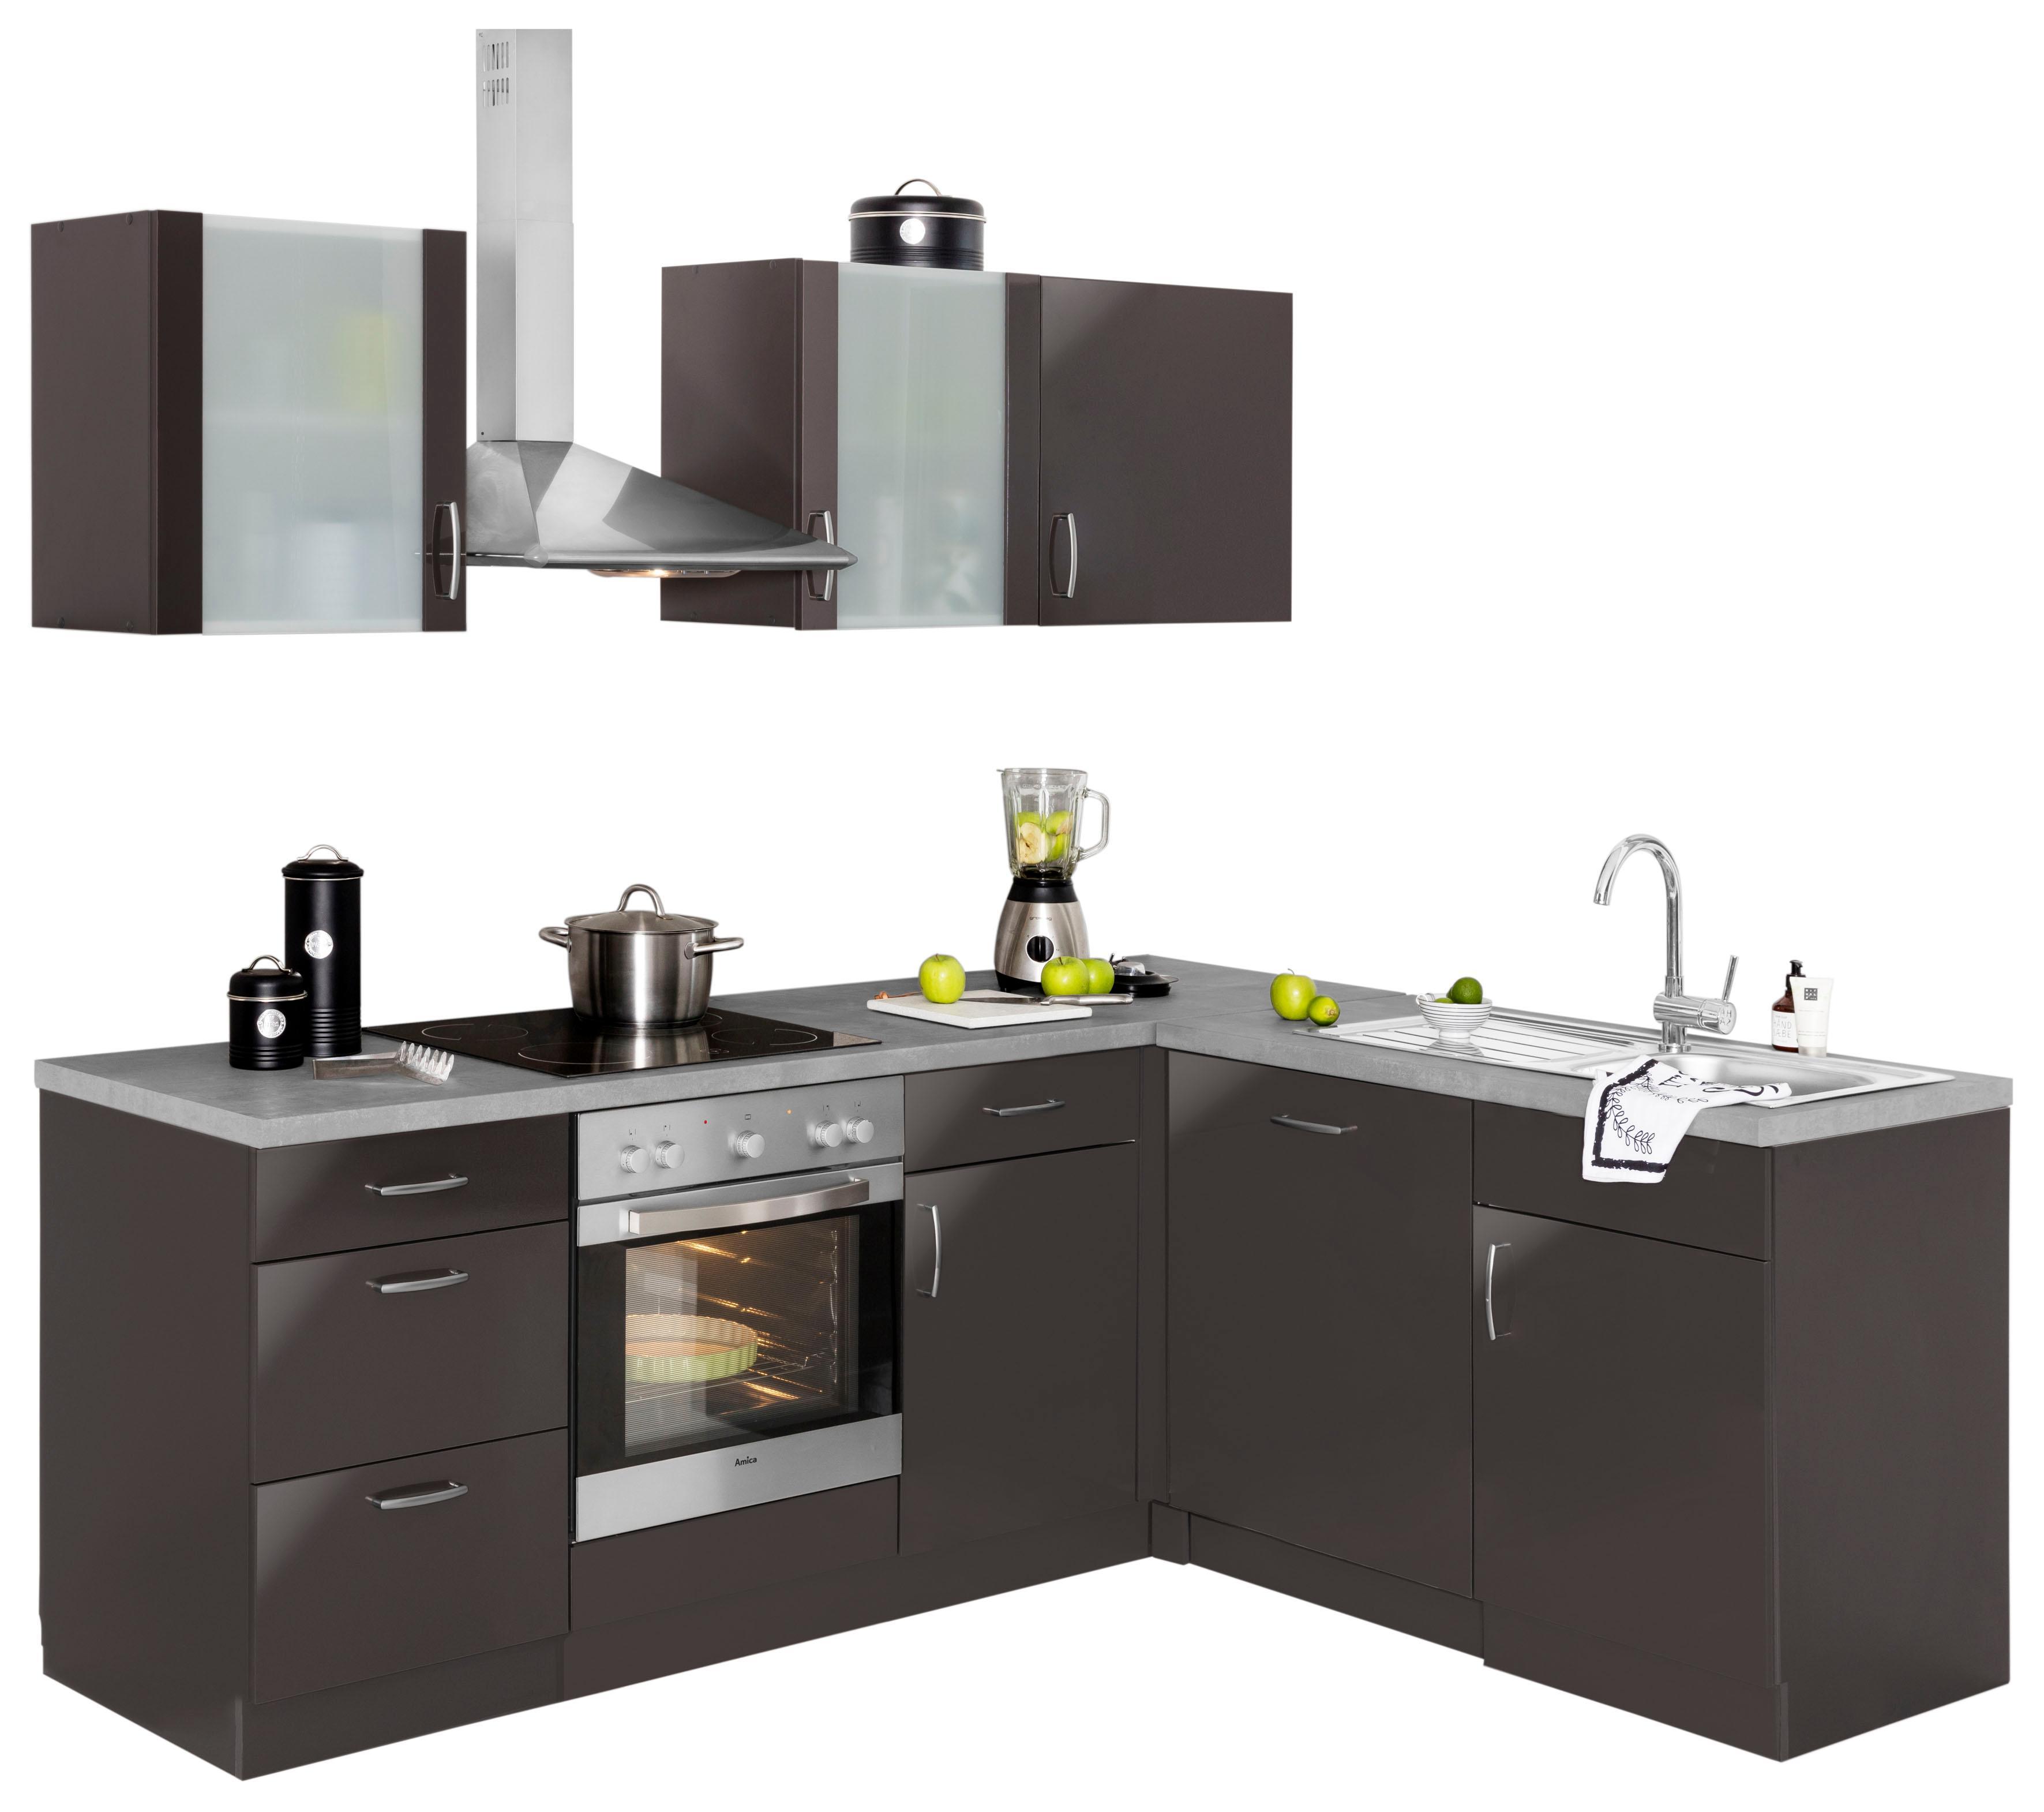 Winkelküche »Brüssel«, mit E-Geräten, Stellbreite 220 x 170 cm mit 38 mm starker Arbeitsplatte | Küche und Esszimmer > Küchen > Winkelküchen | Grau | QUELLE